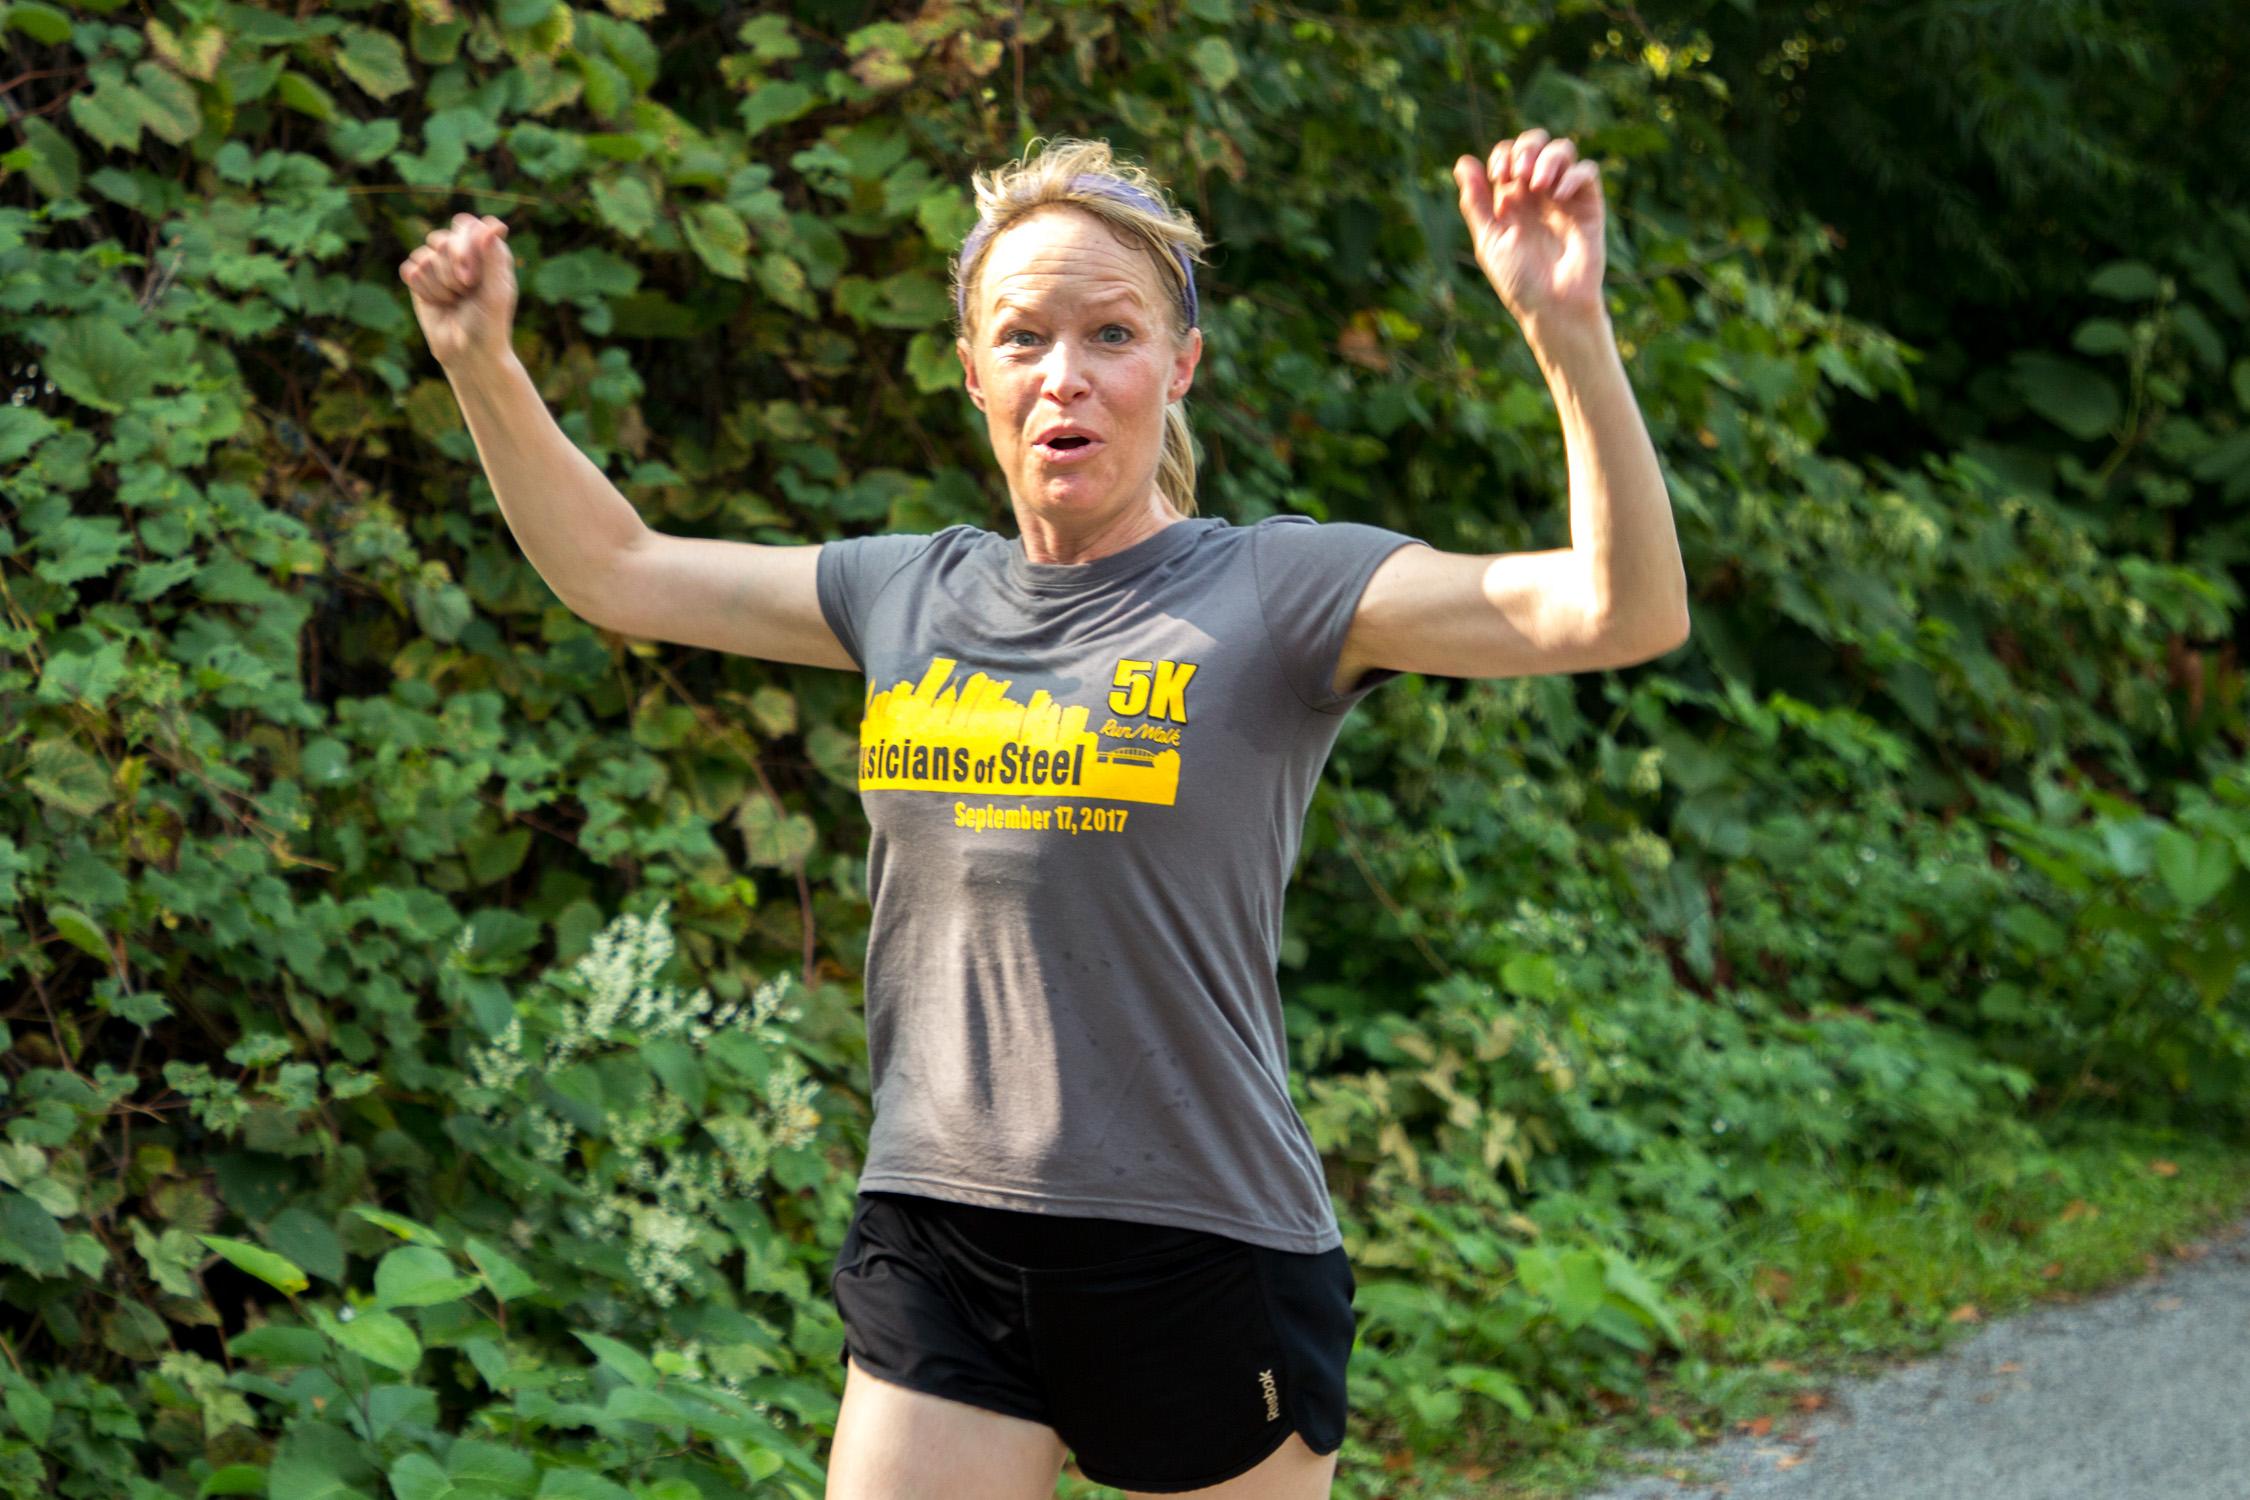 PSO Flutist Jennifer Steele wins her age division